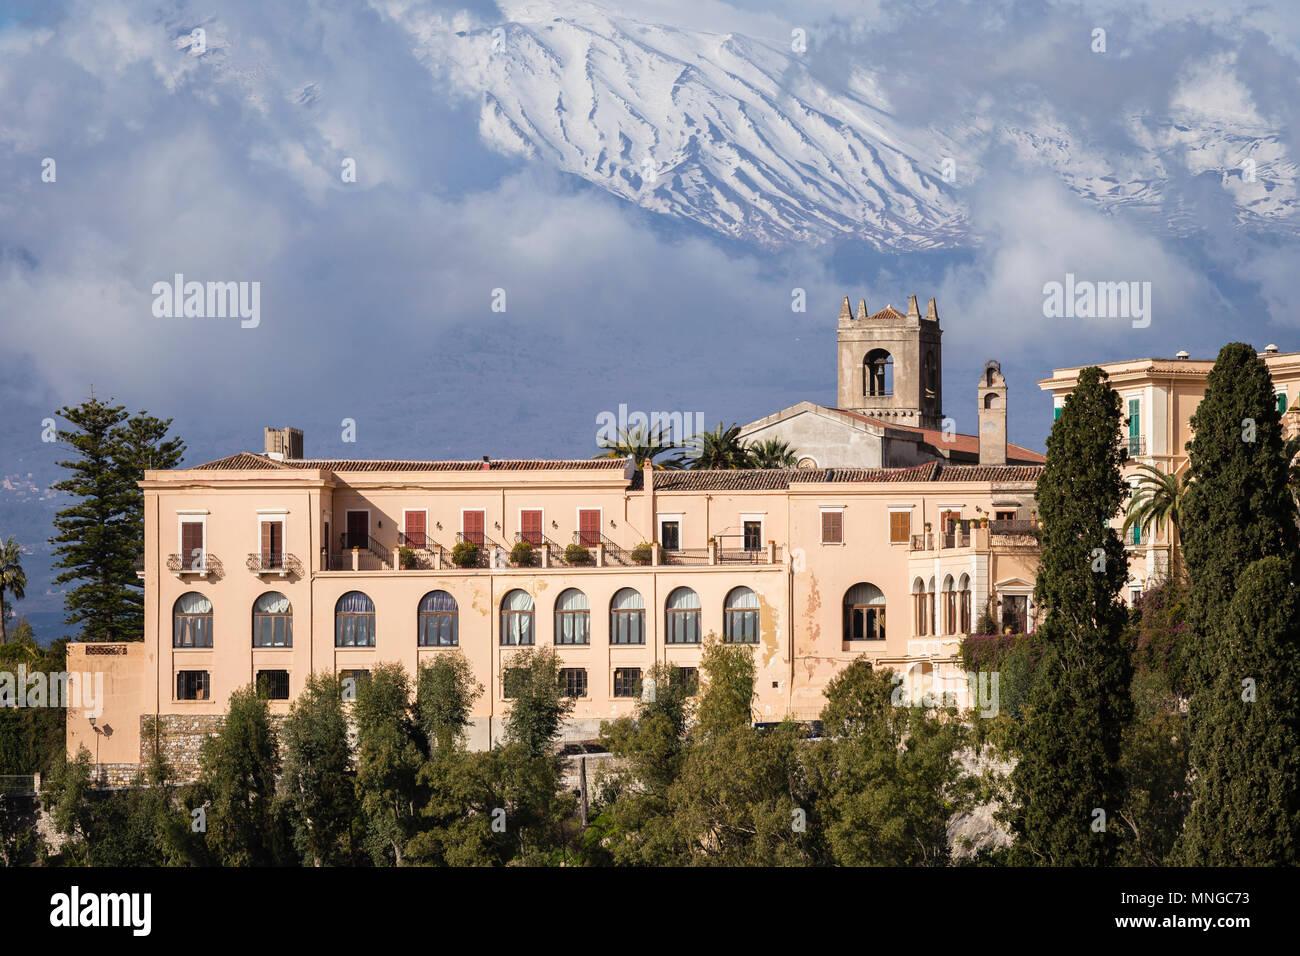 San Domenico Palace Hotel di Taormina con le pendici del vulcano Etna in Sicilia. Immagini Stock